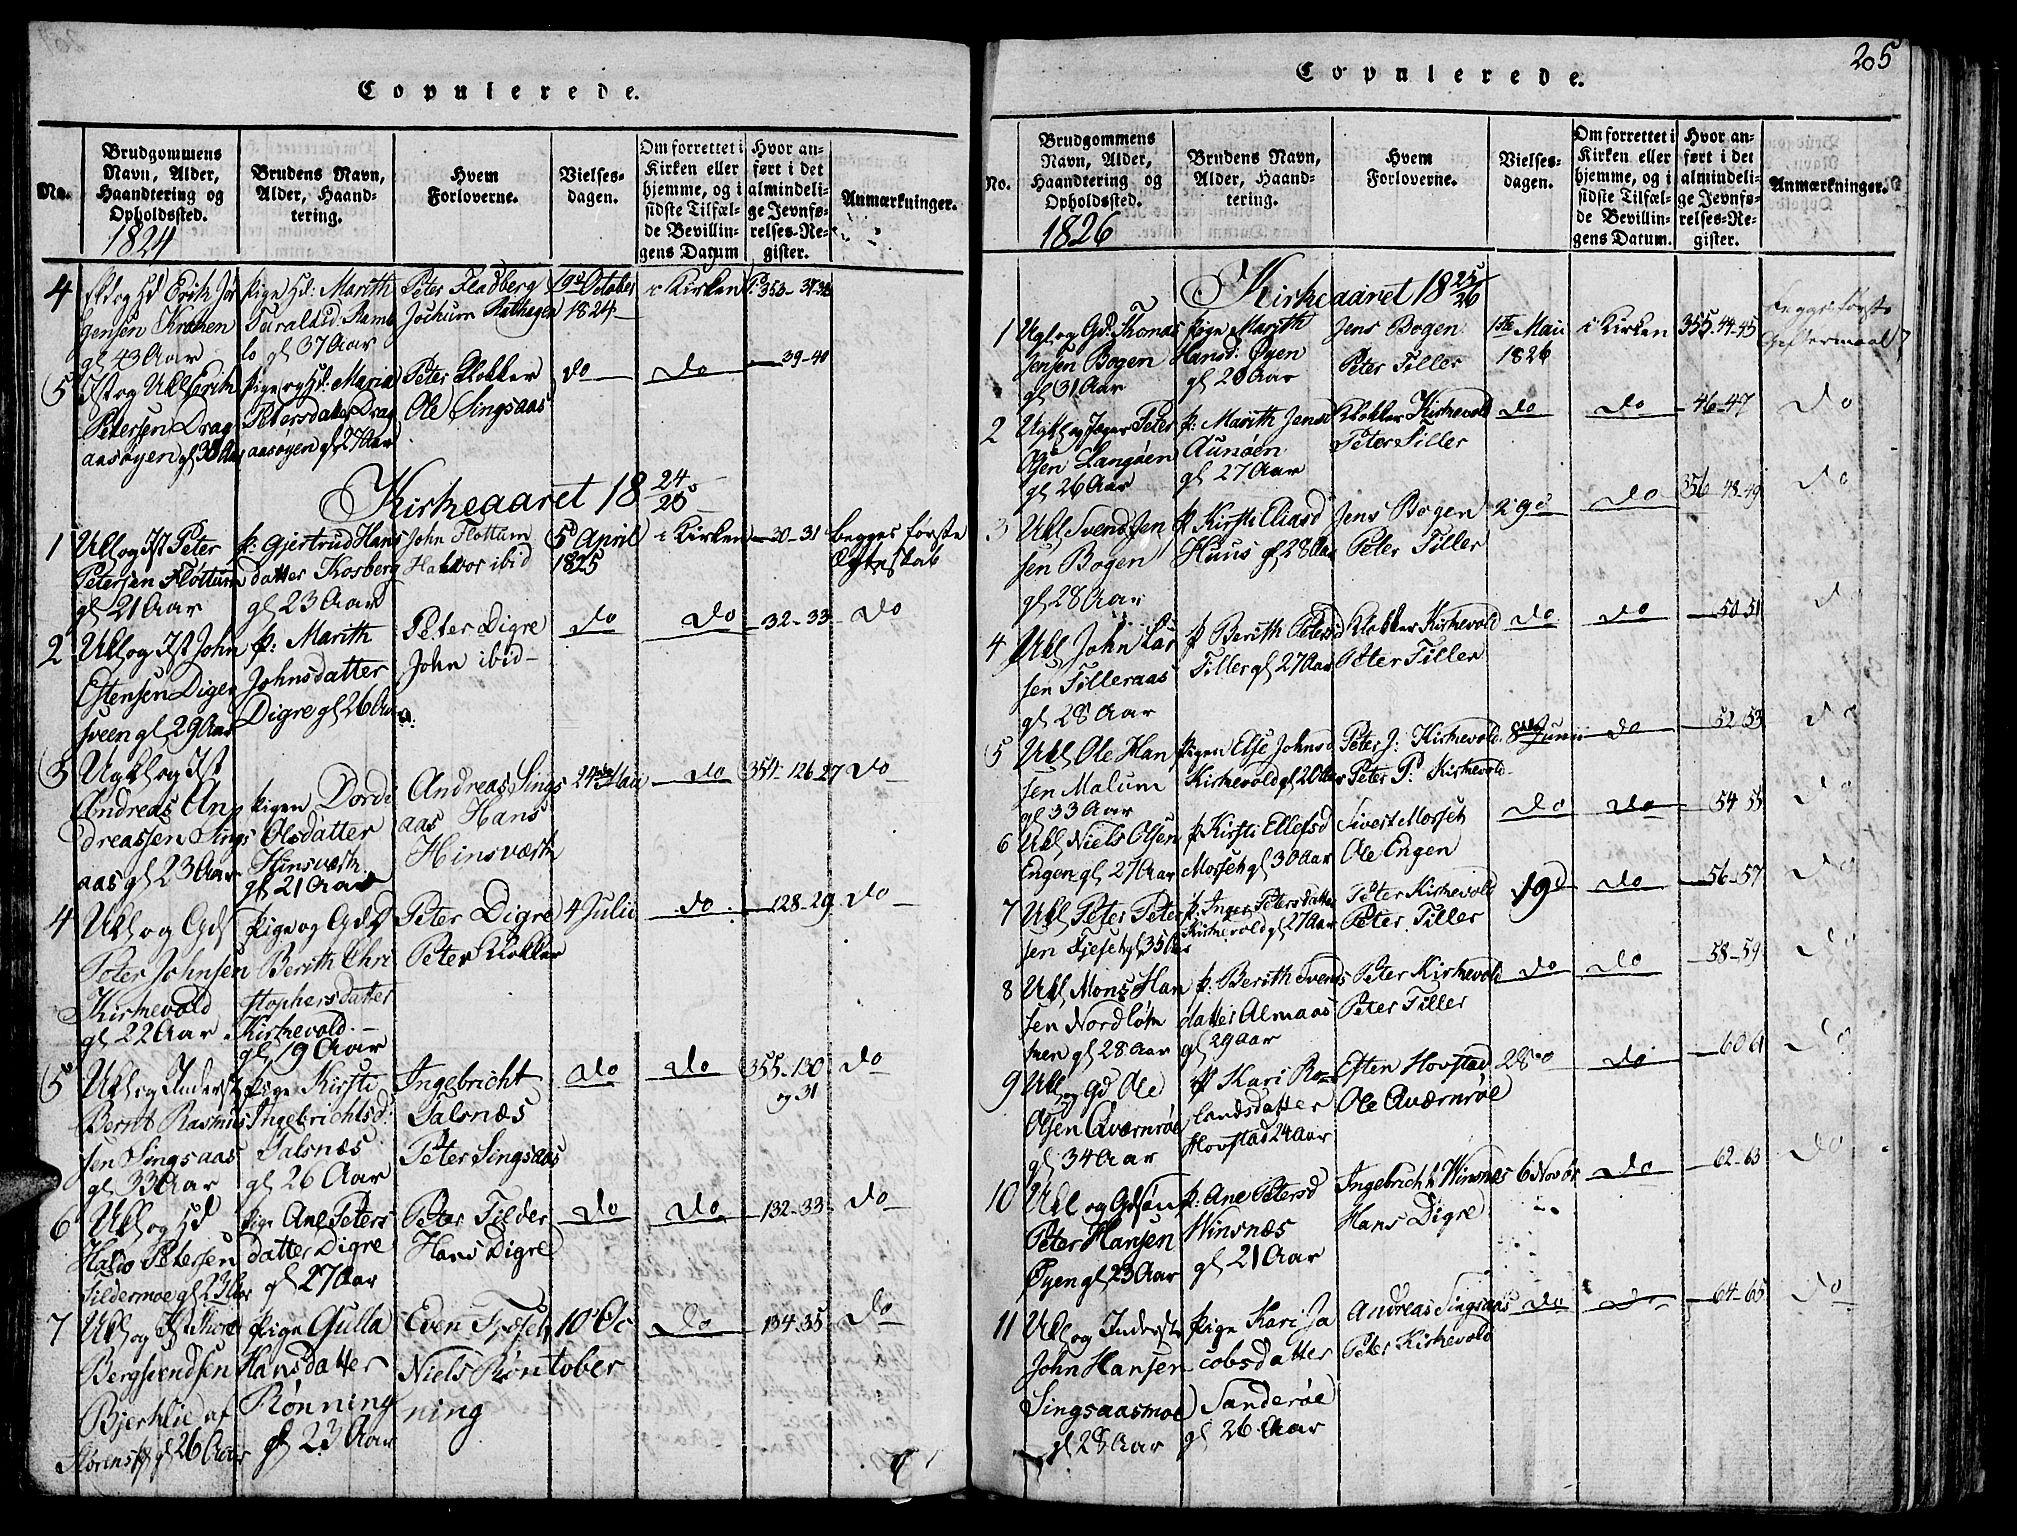 SAT, Ministerialprotokoller, klokkerbøker og fødselsregistre - Sør-Trøndelag, 685/L0955: Ministerialbok nr. 685A03 /2, 1817-1829, s. 205